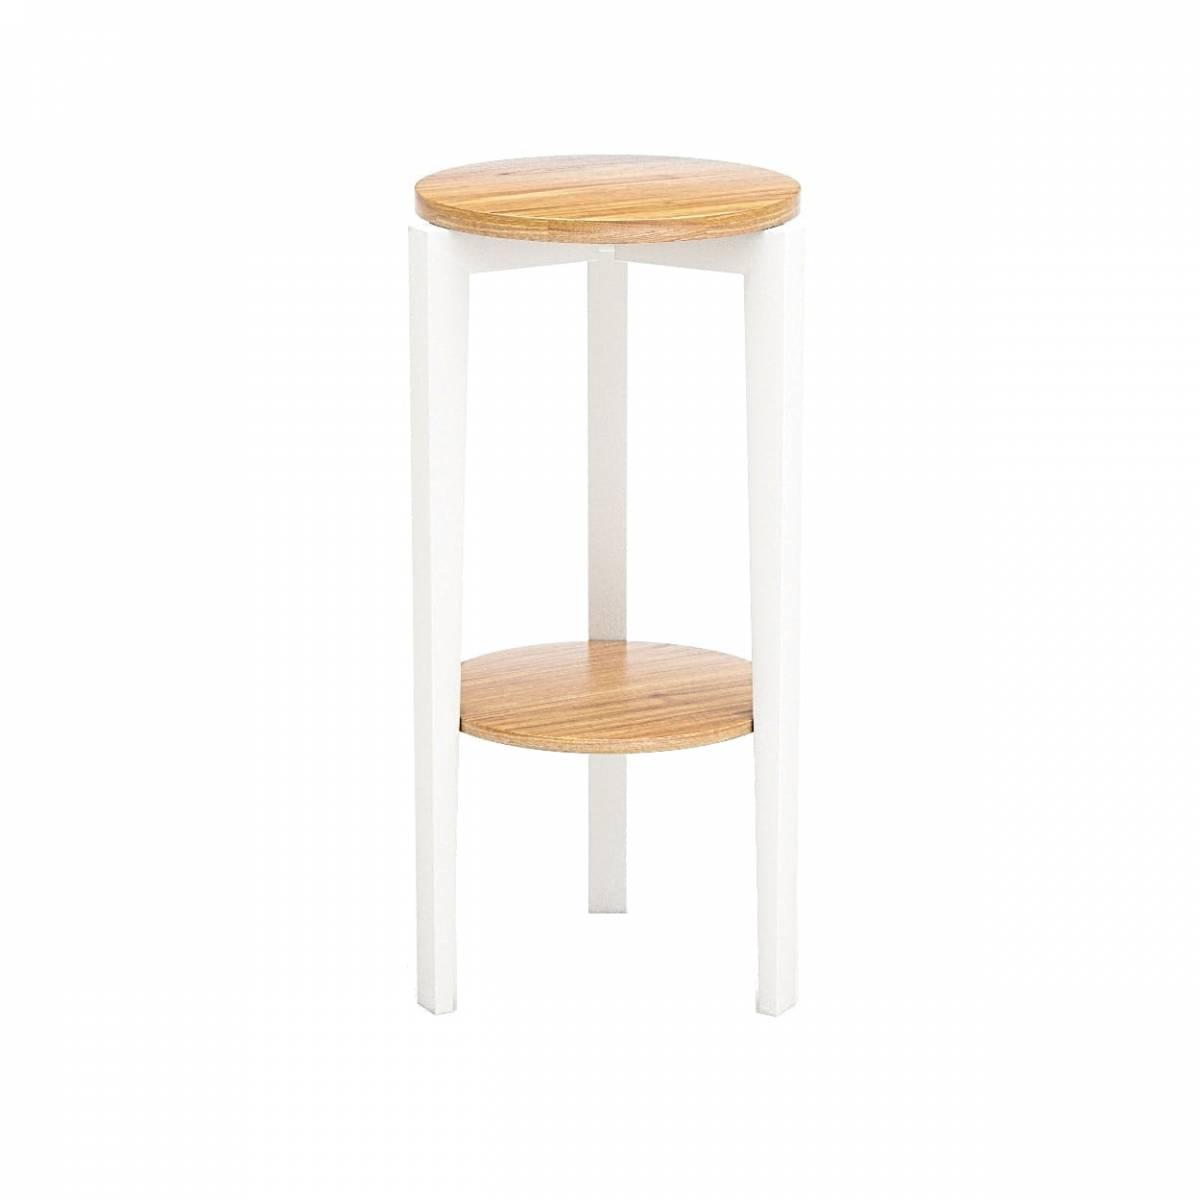 Купить интерьерный столик Aster Wood в Raroom